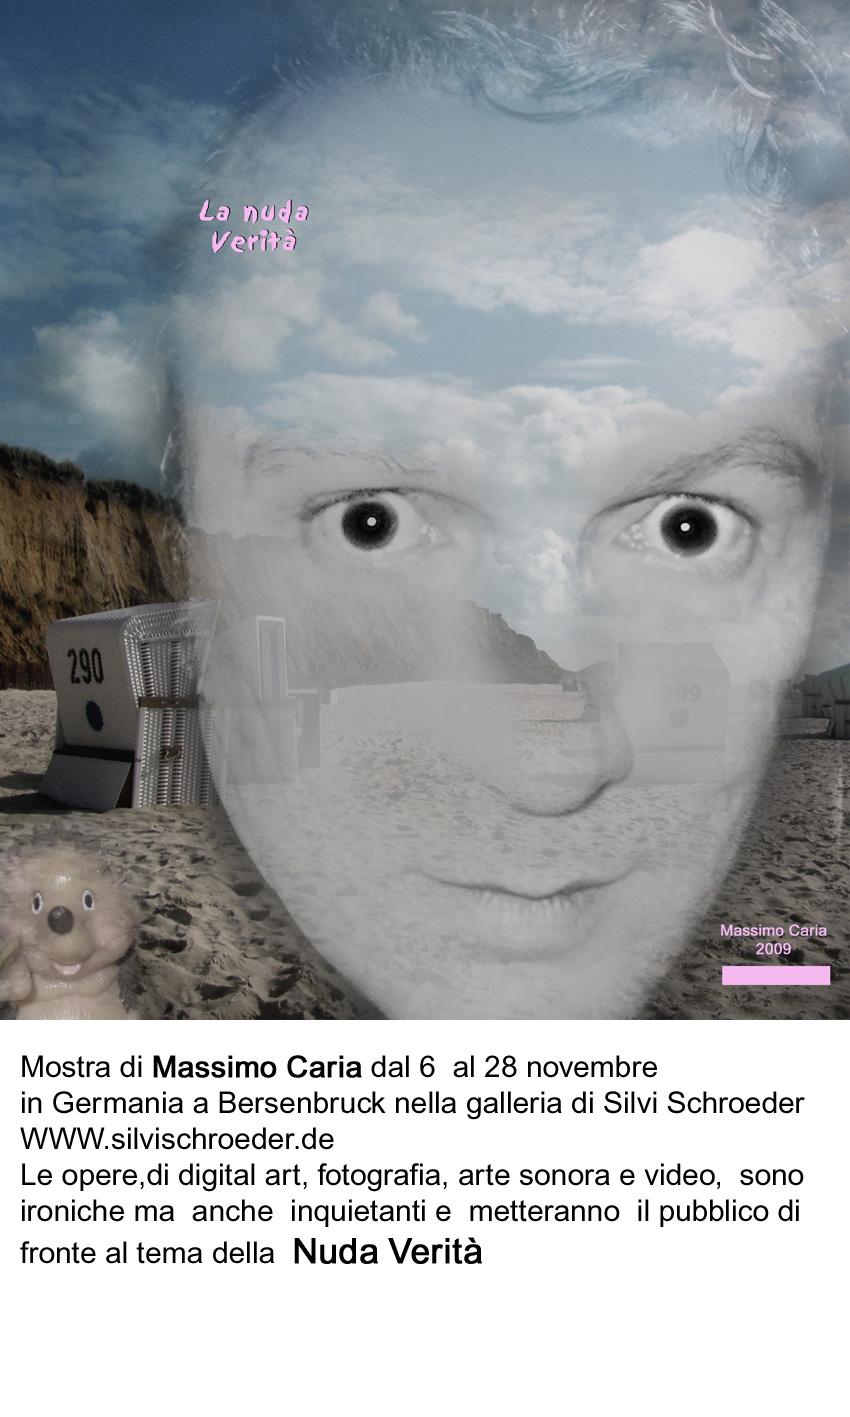 Caria_in_mostra-1